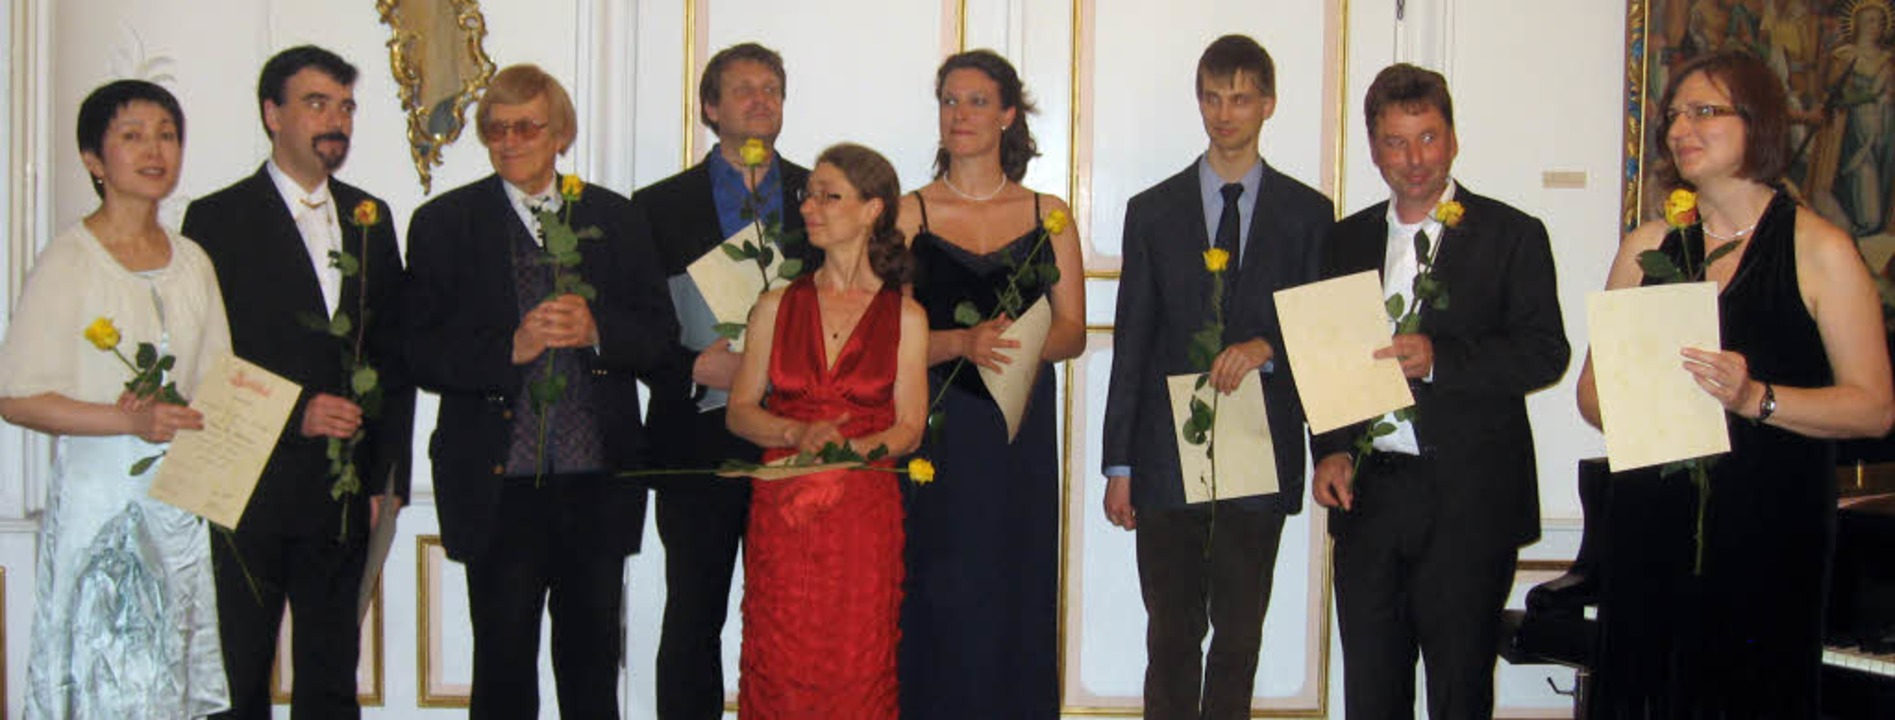 Teilnehmer des  13. Meisterkurses für ...t  Peter Feuchtwanger (3. von links).   | Foto: Hildegard Karig